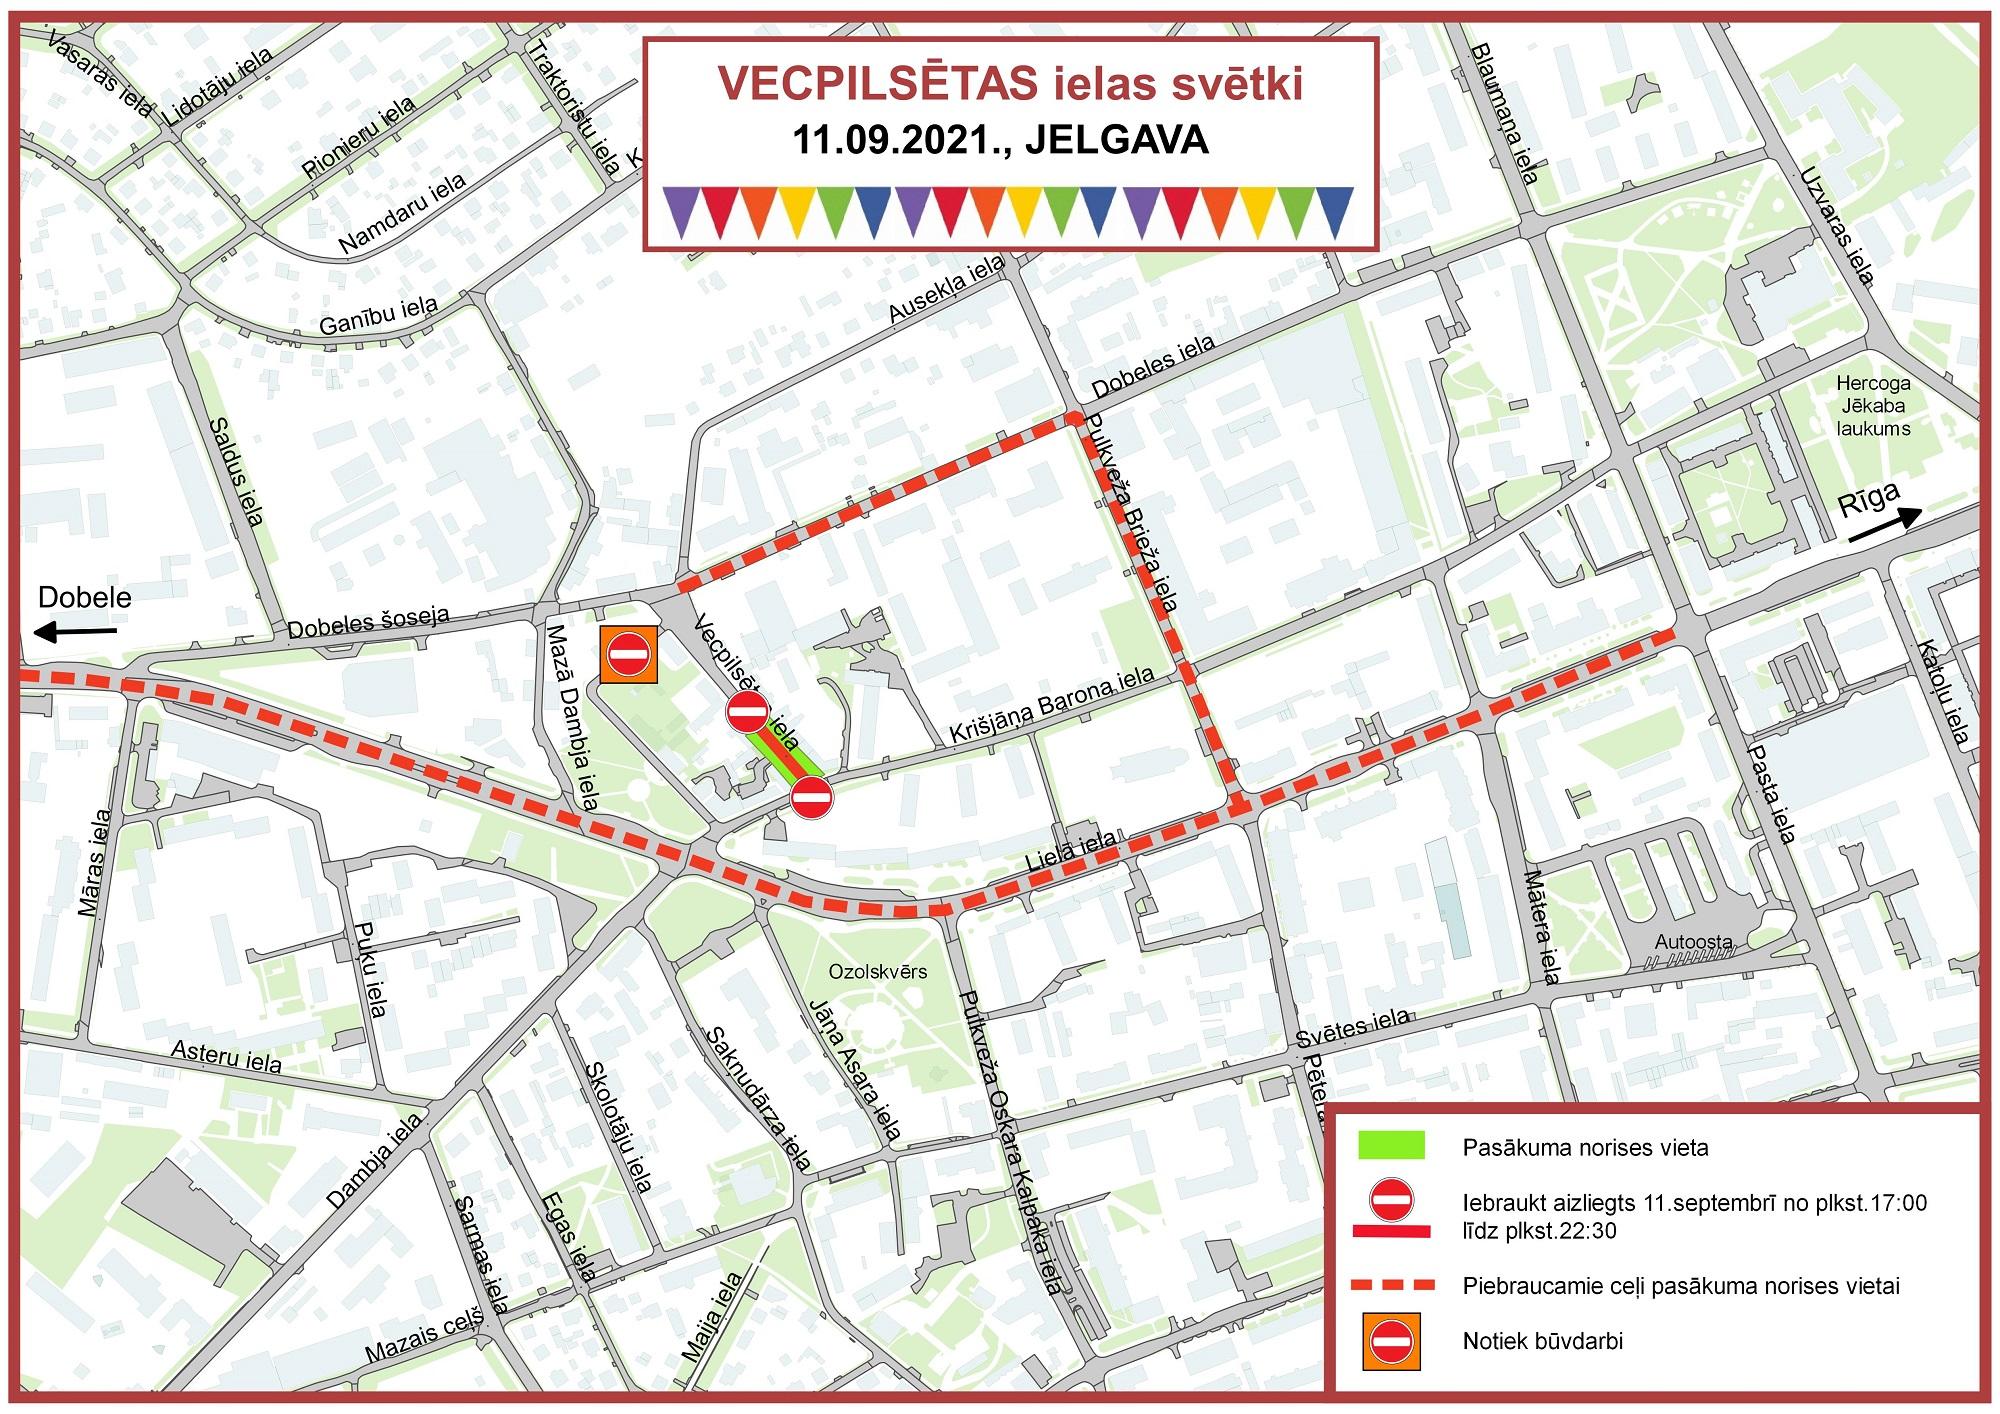 Satiksmes organizācijas shēma Vecpilsētas ielas svētku norises laikā